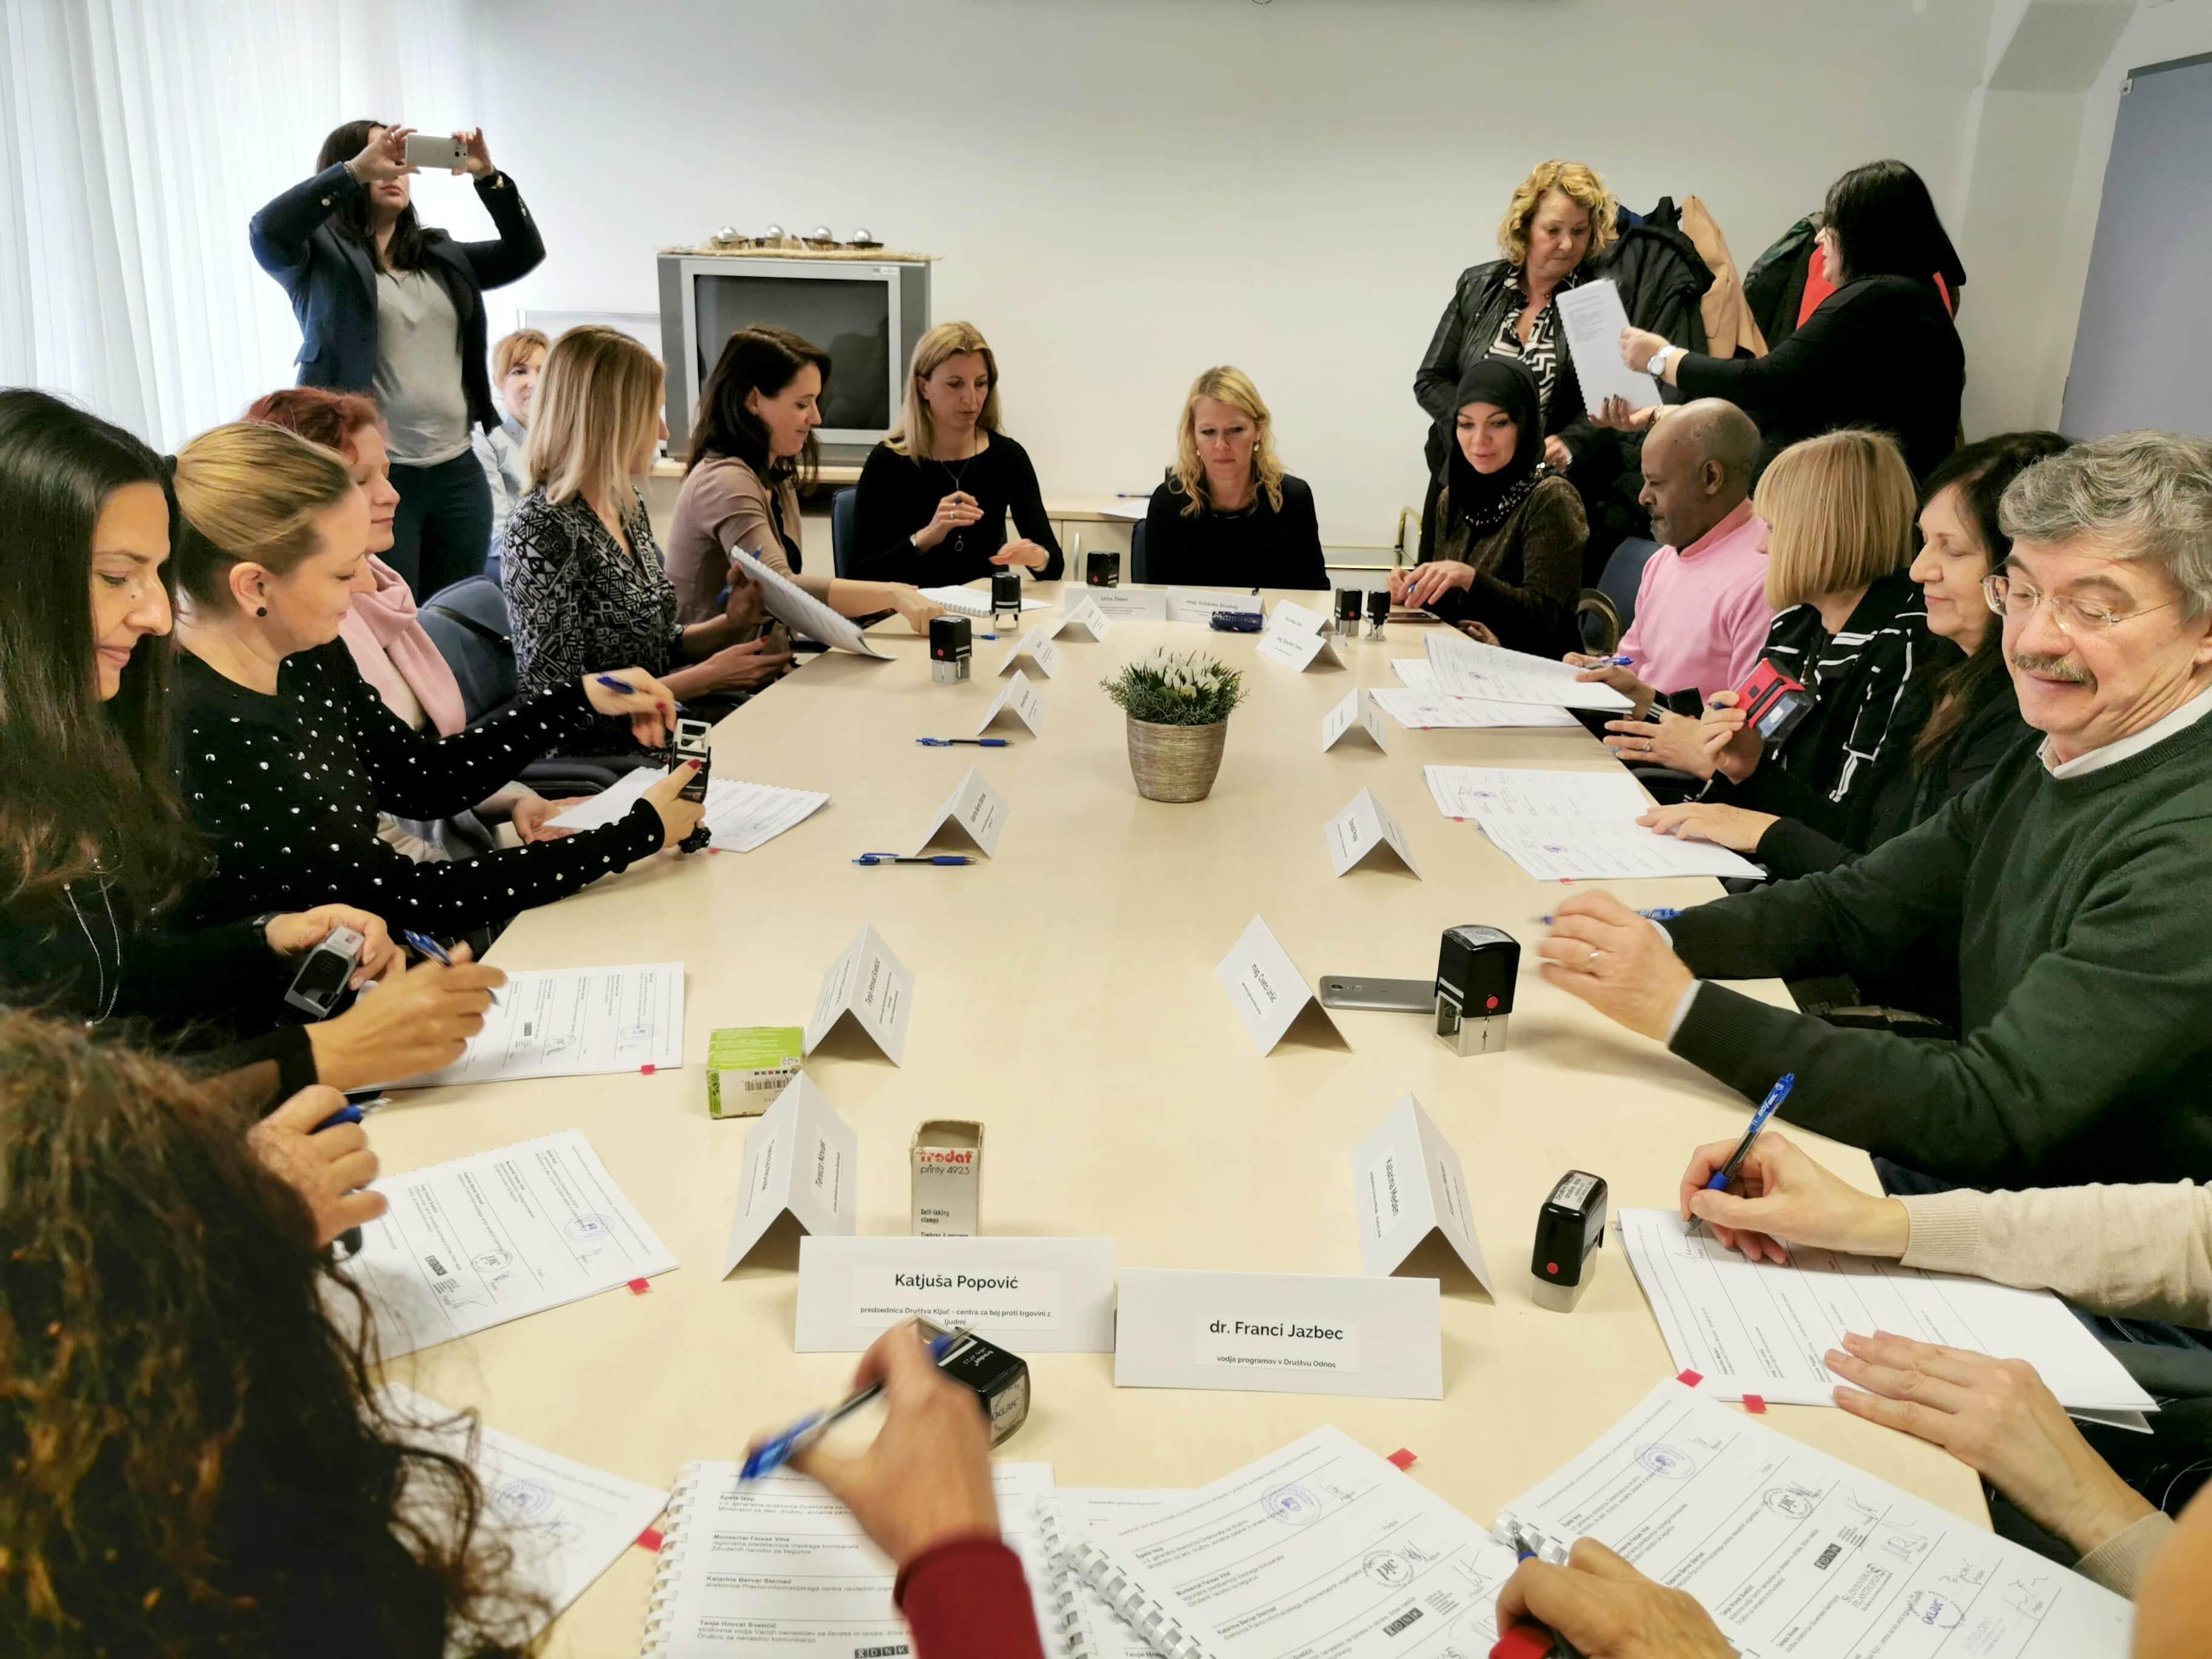 Podpisali nov protokol o preprečevanju in ukrepanju v primerih spolnega nasilja ter nasilja na podlagi spola